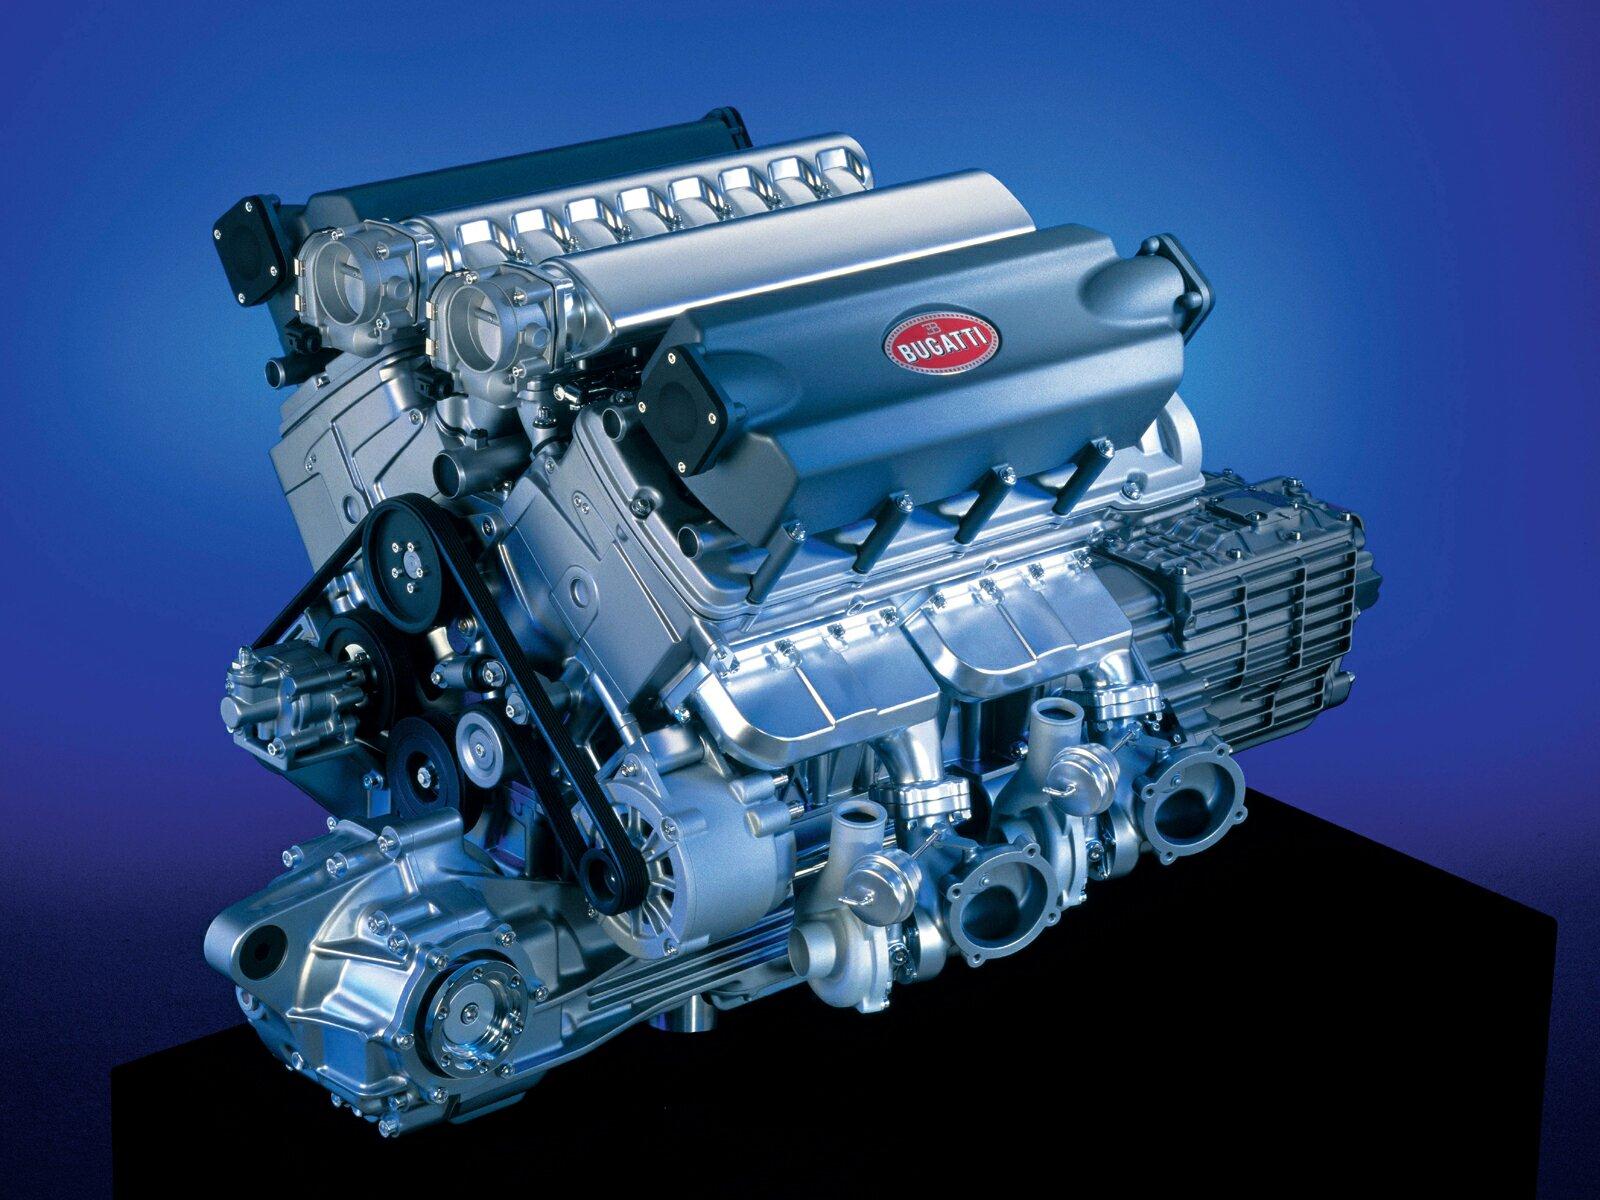 Bugatti engine specs